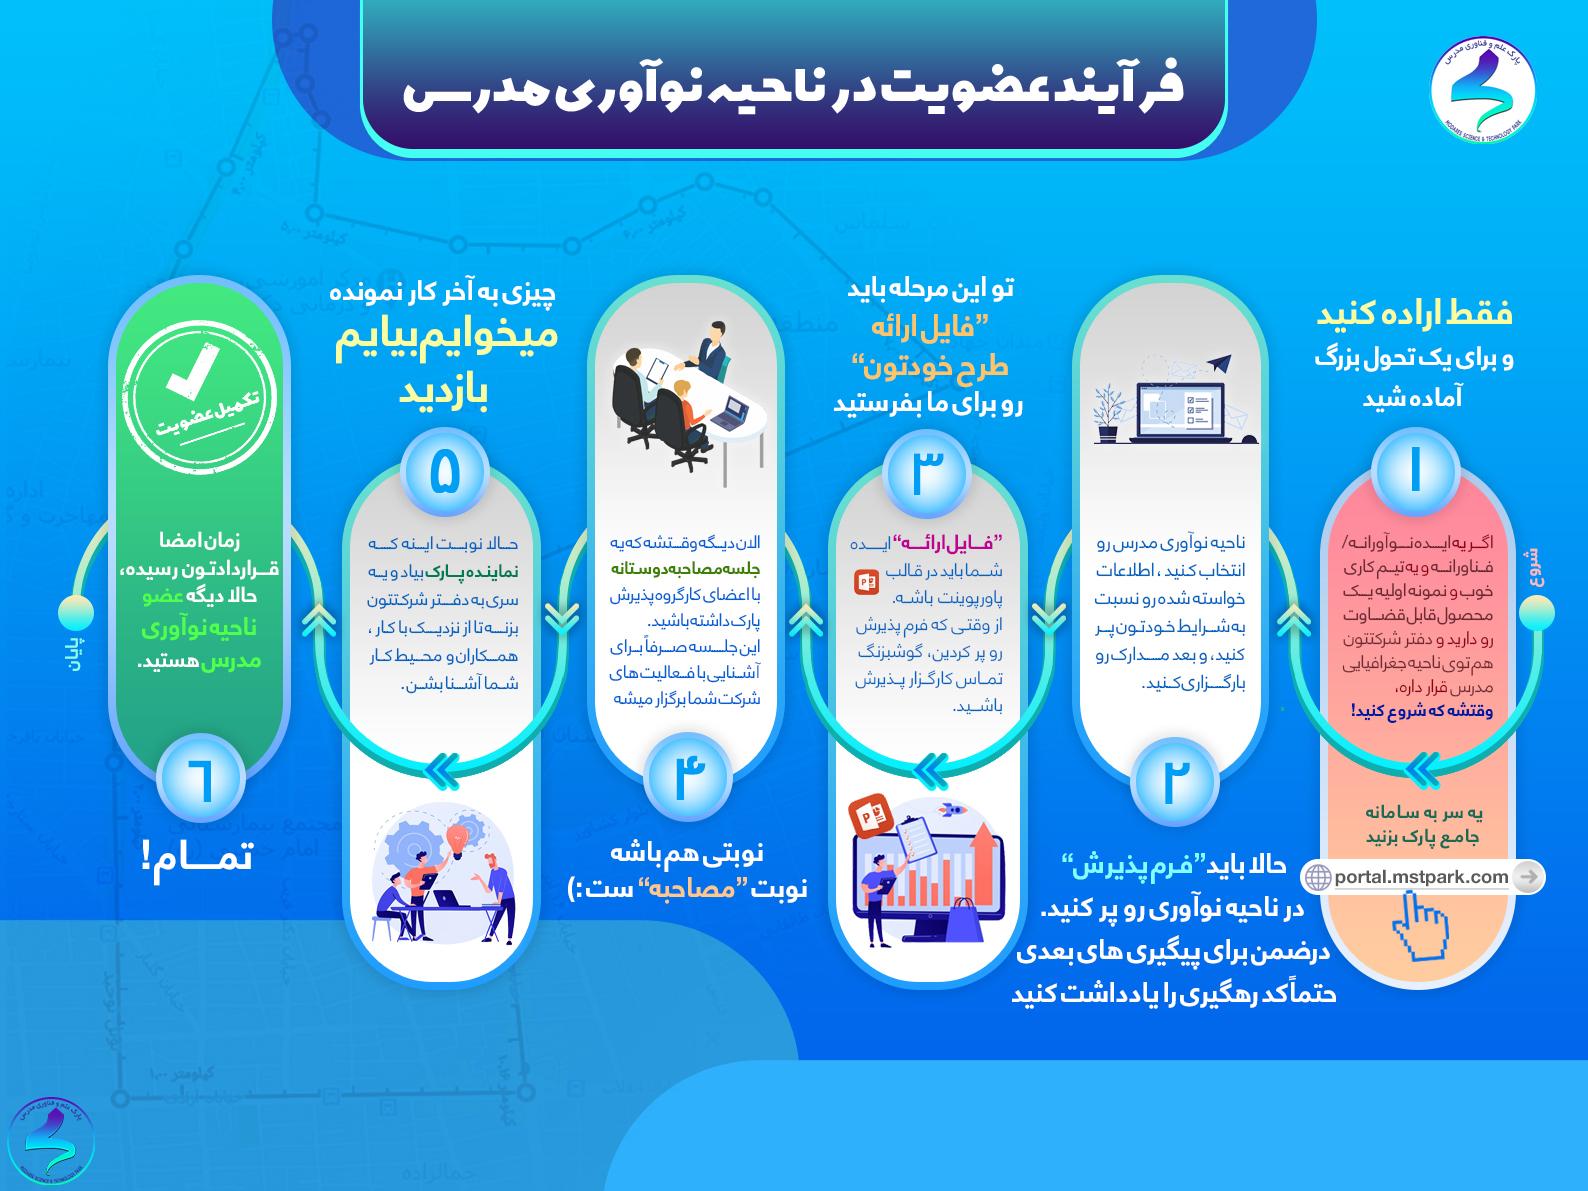 اینفوگرافی فرآیند عضویت در ناحیه نوآوری مدرس